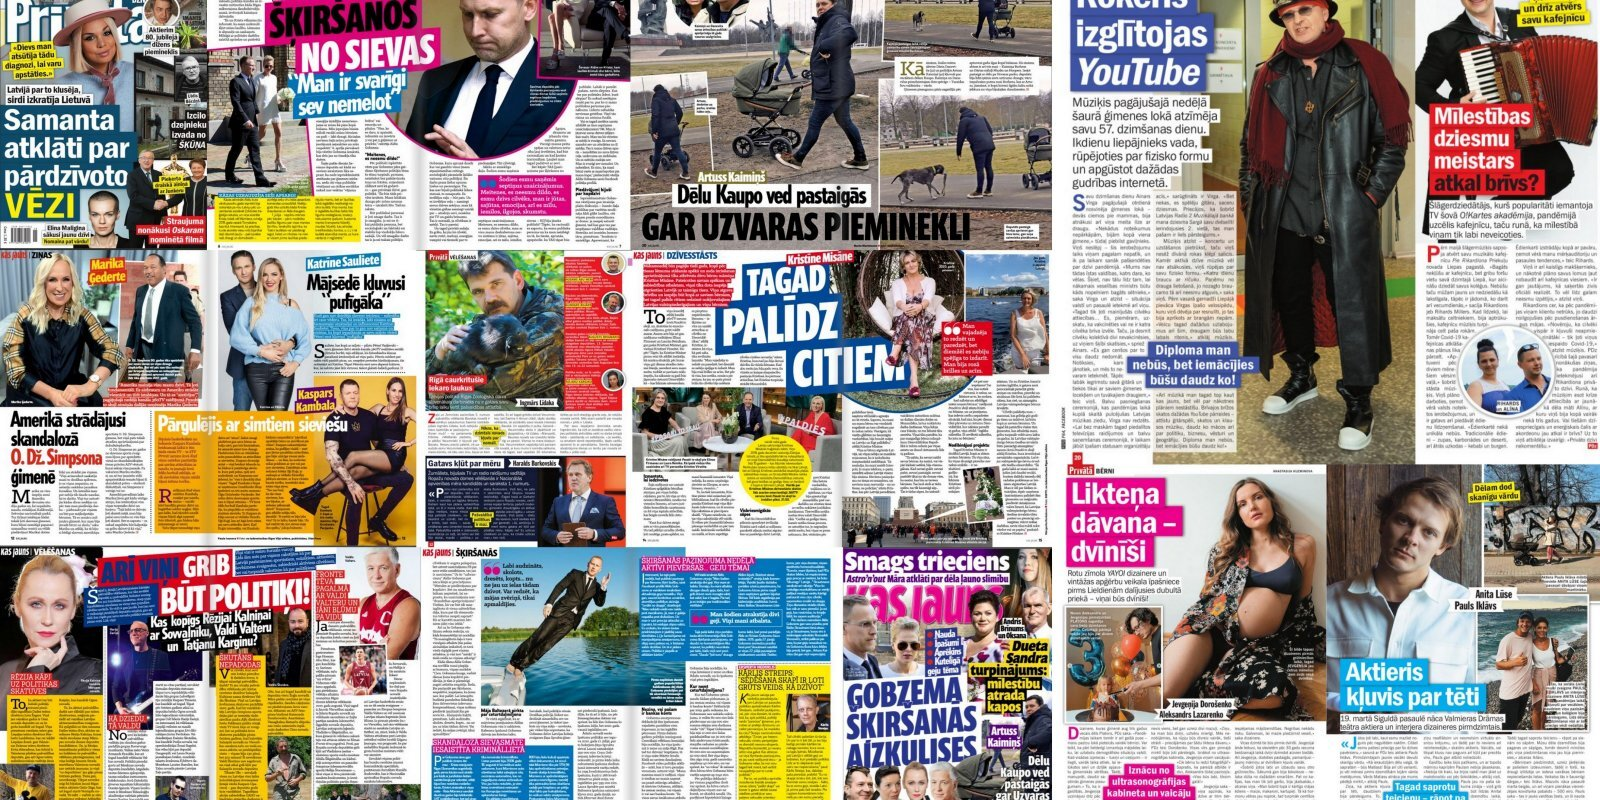 Гобземс и геи, зачем вдова Малыгина сменила имя, Саманта Тина скрывала рак: о чем пишут латышские таблоиды